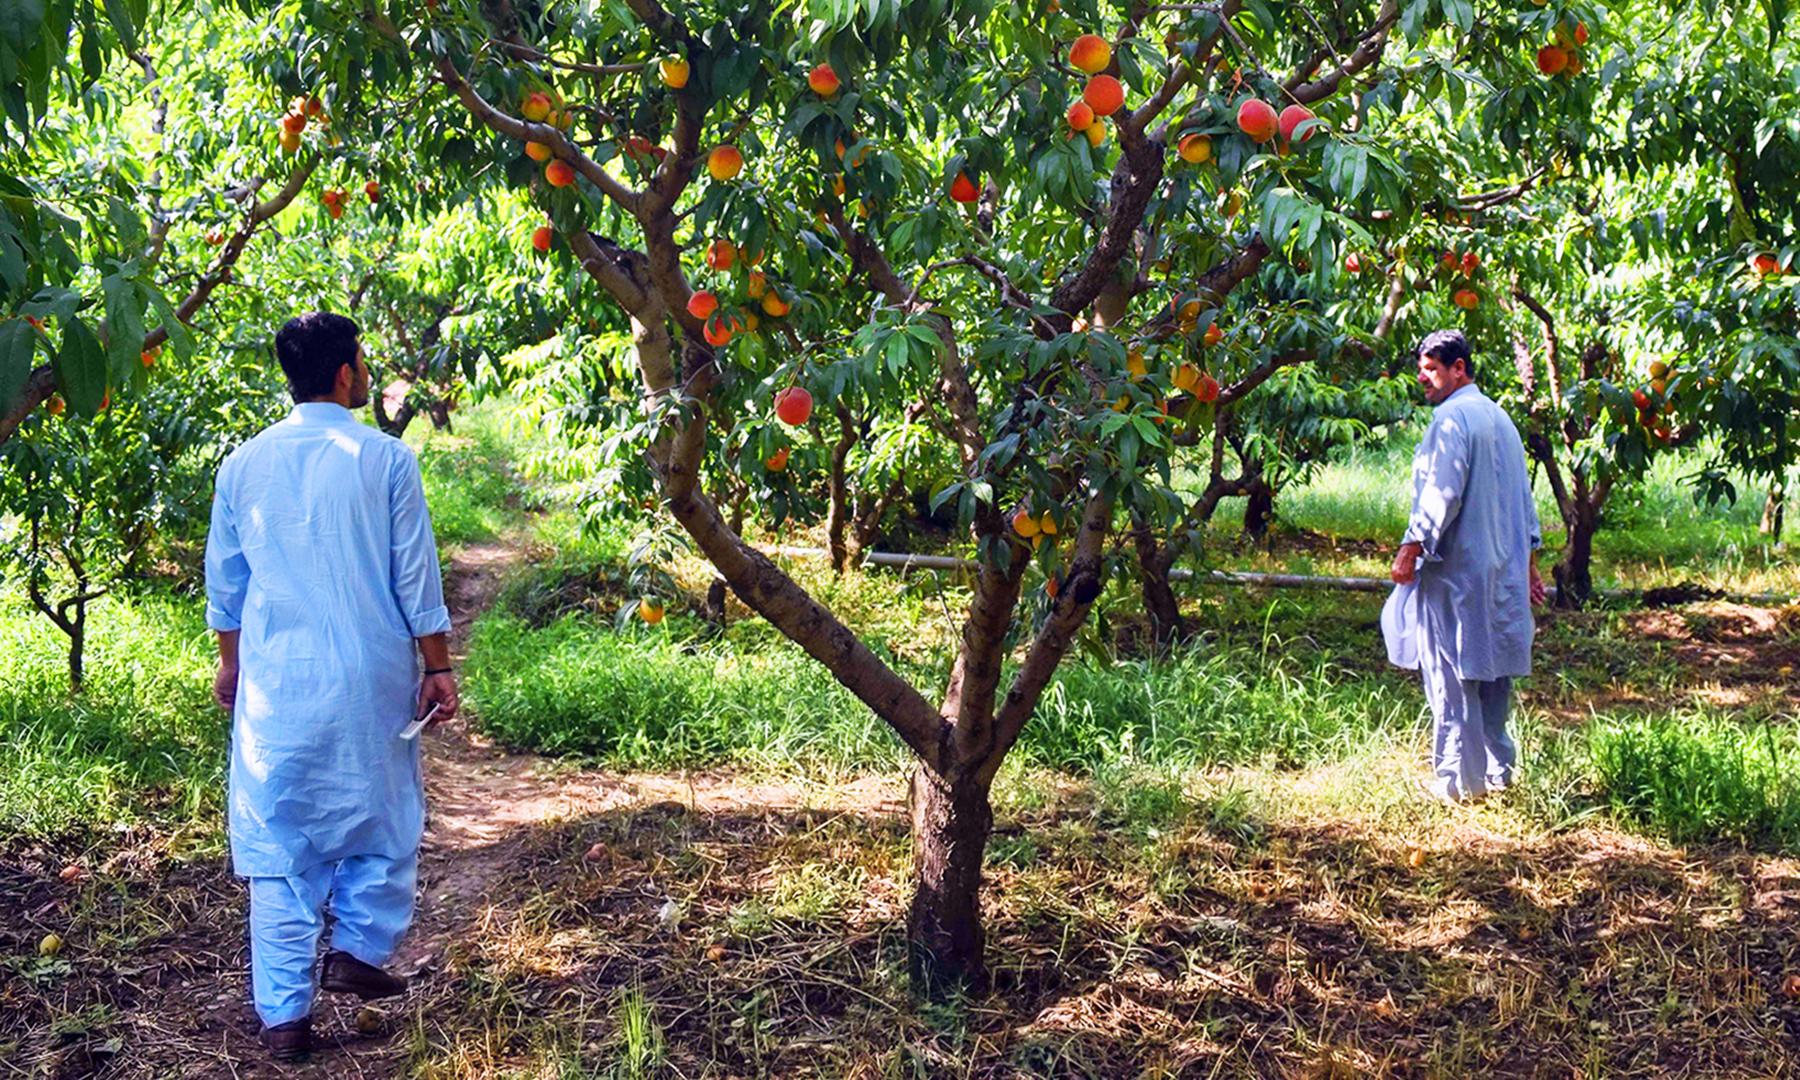 گاؤں خریڑئی میں شفتالو کے ایک باغ کا منظر — تصویر امجد علی سحاب